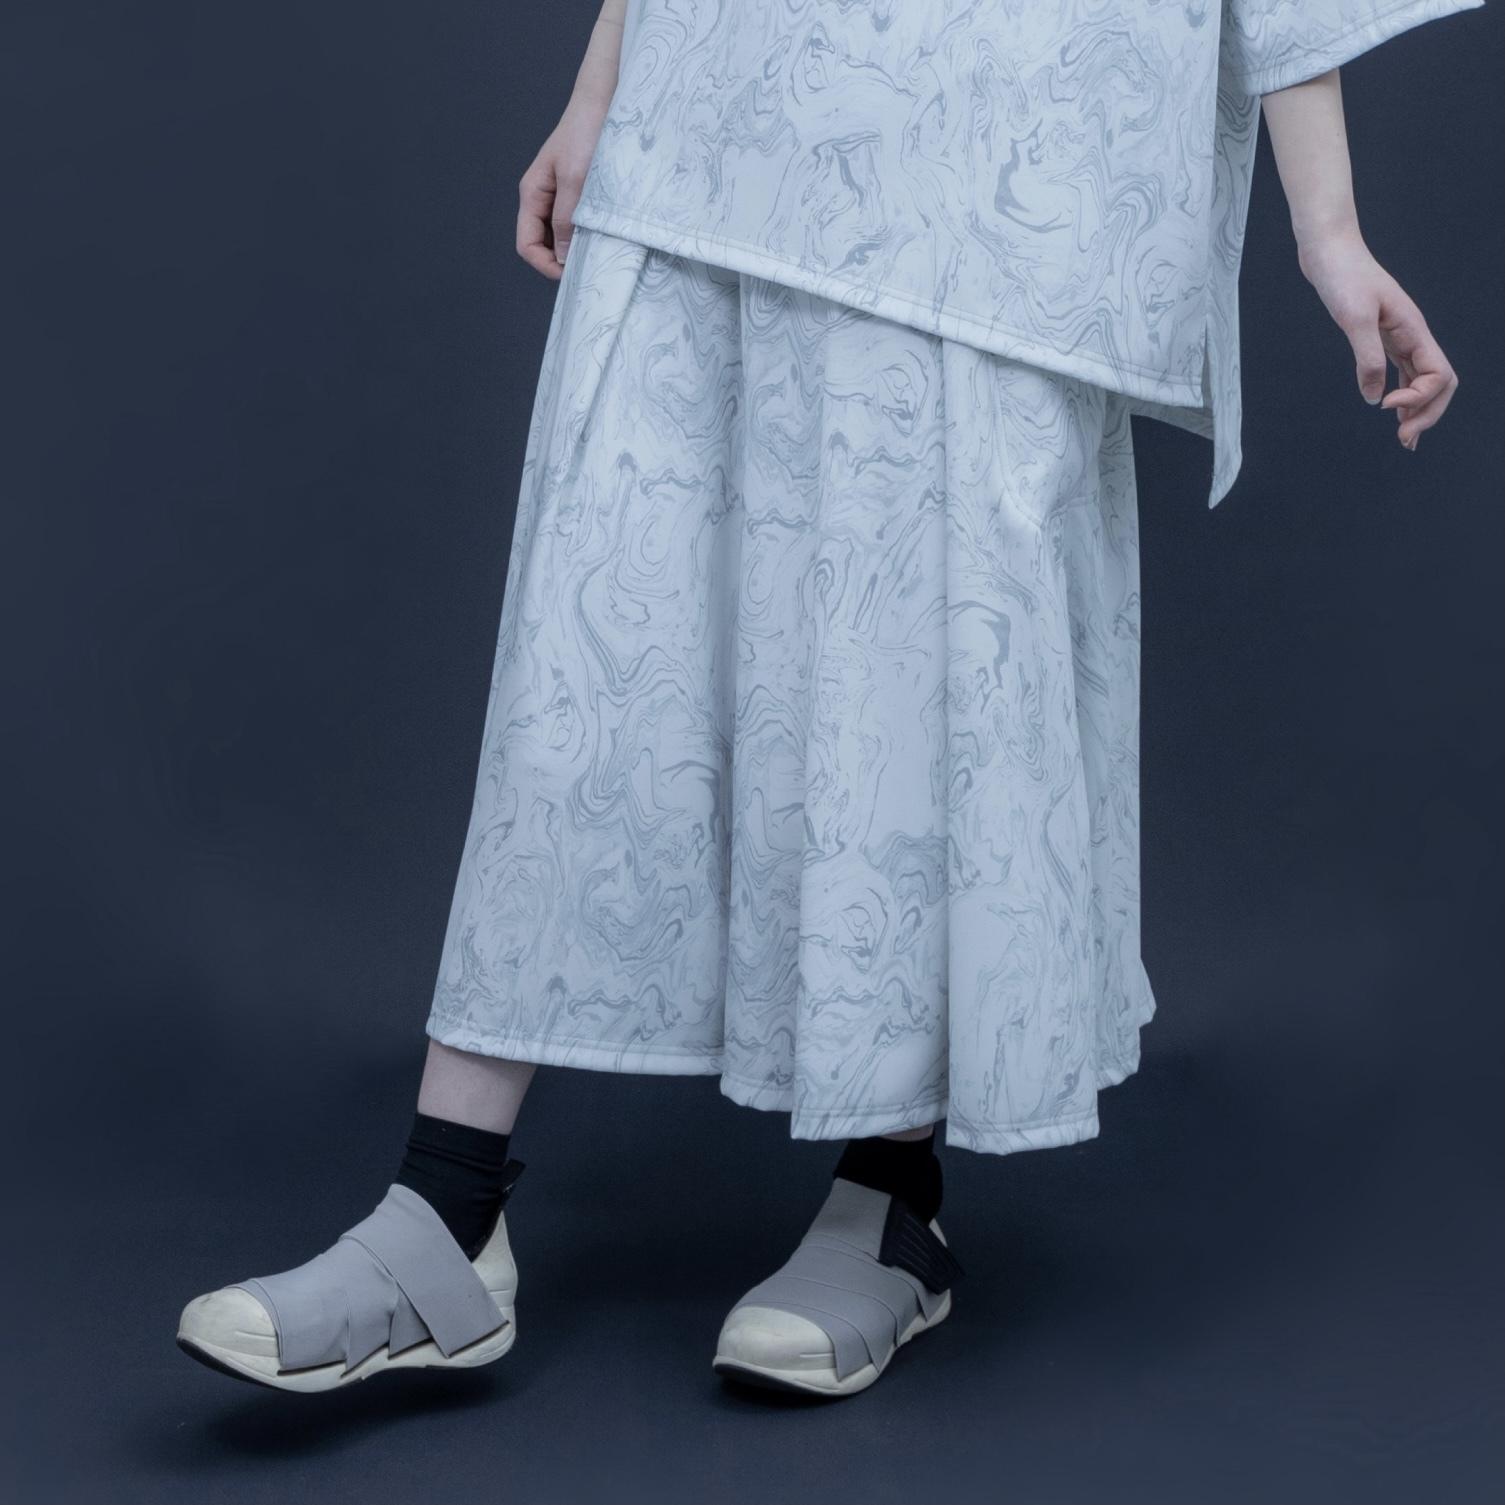 【オーダー受付】Hakama-Pants1.1 (grey marble)